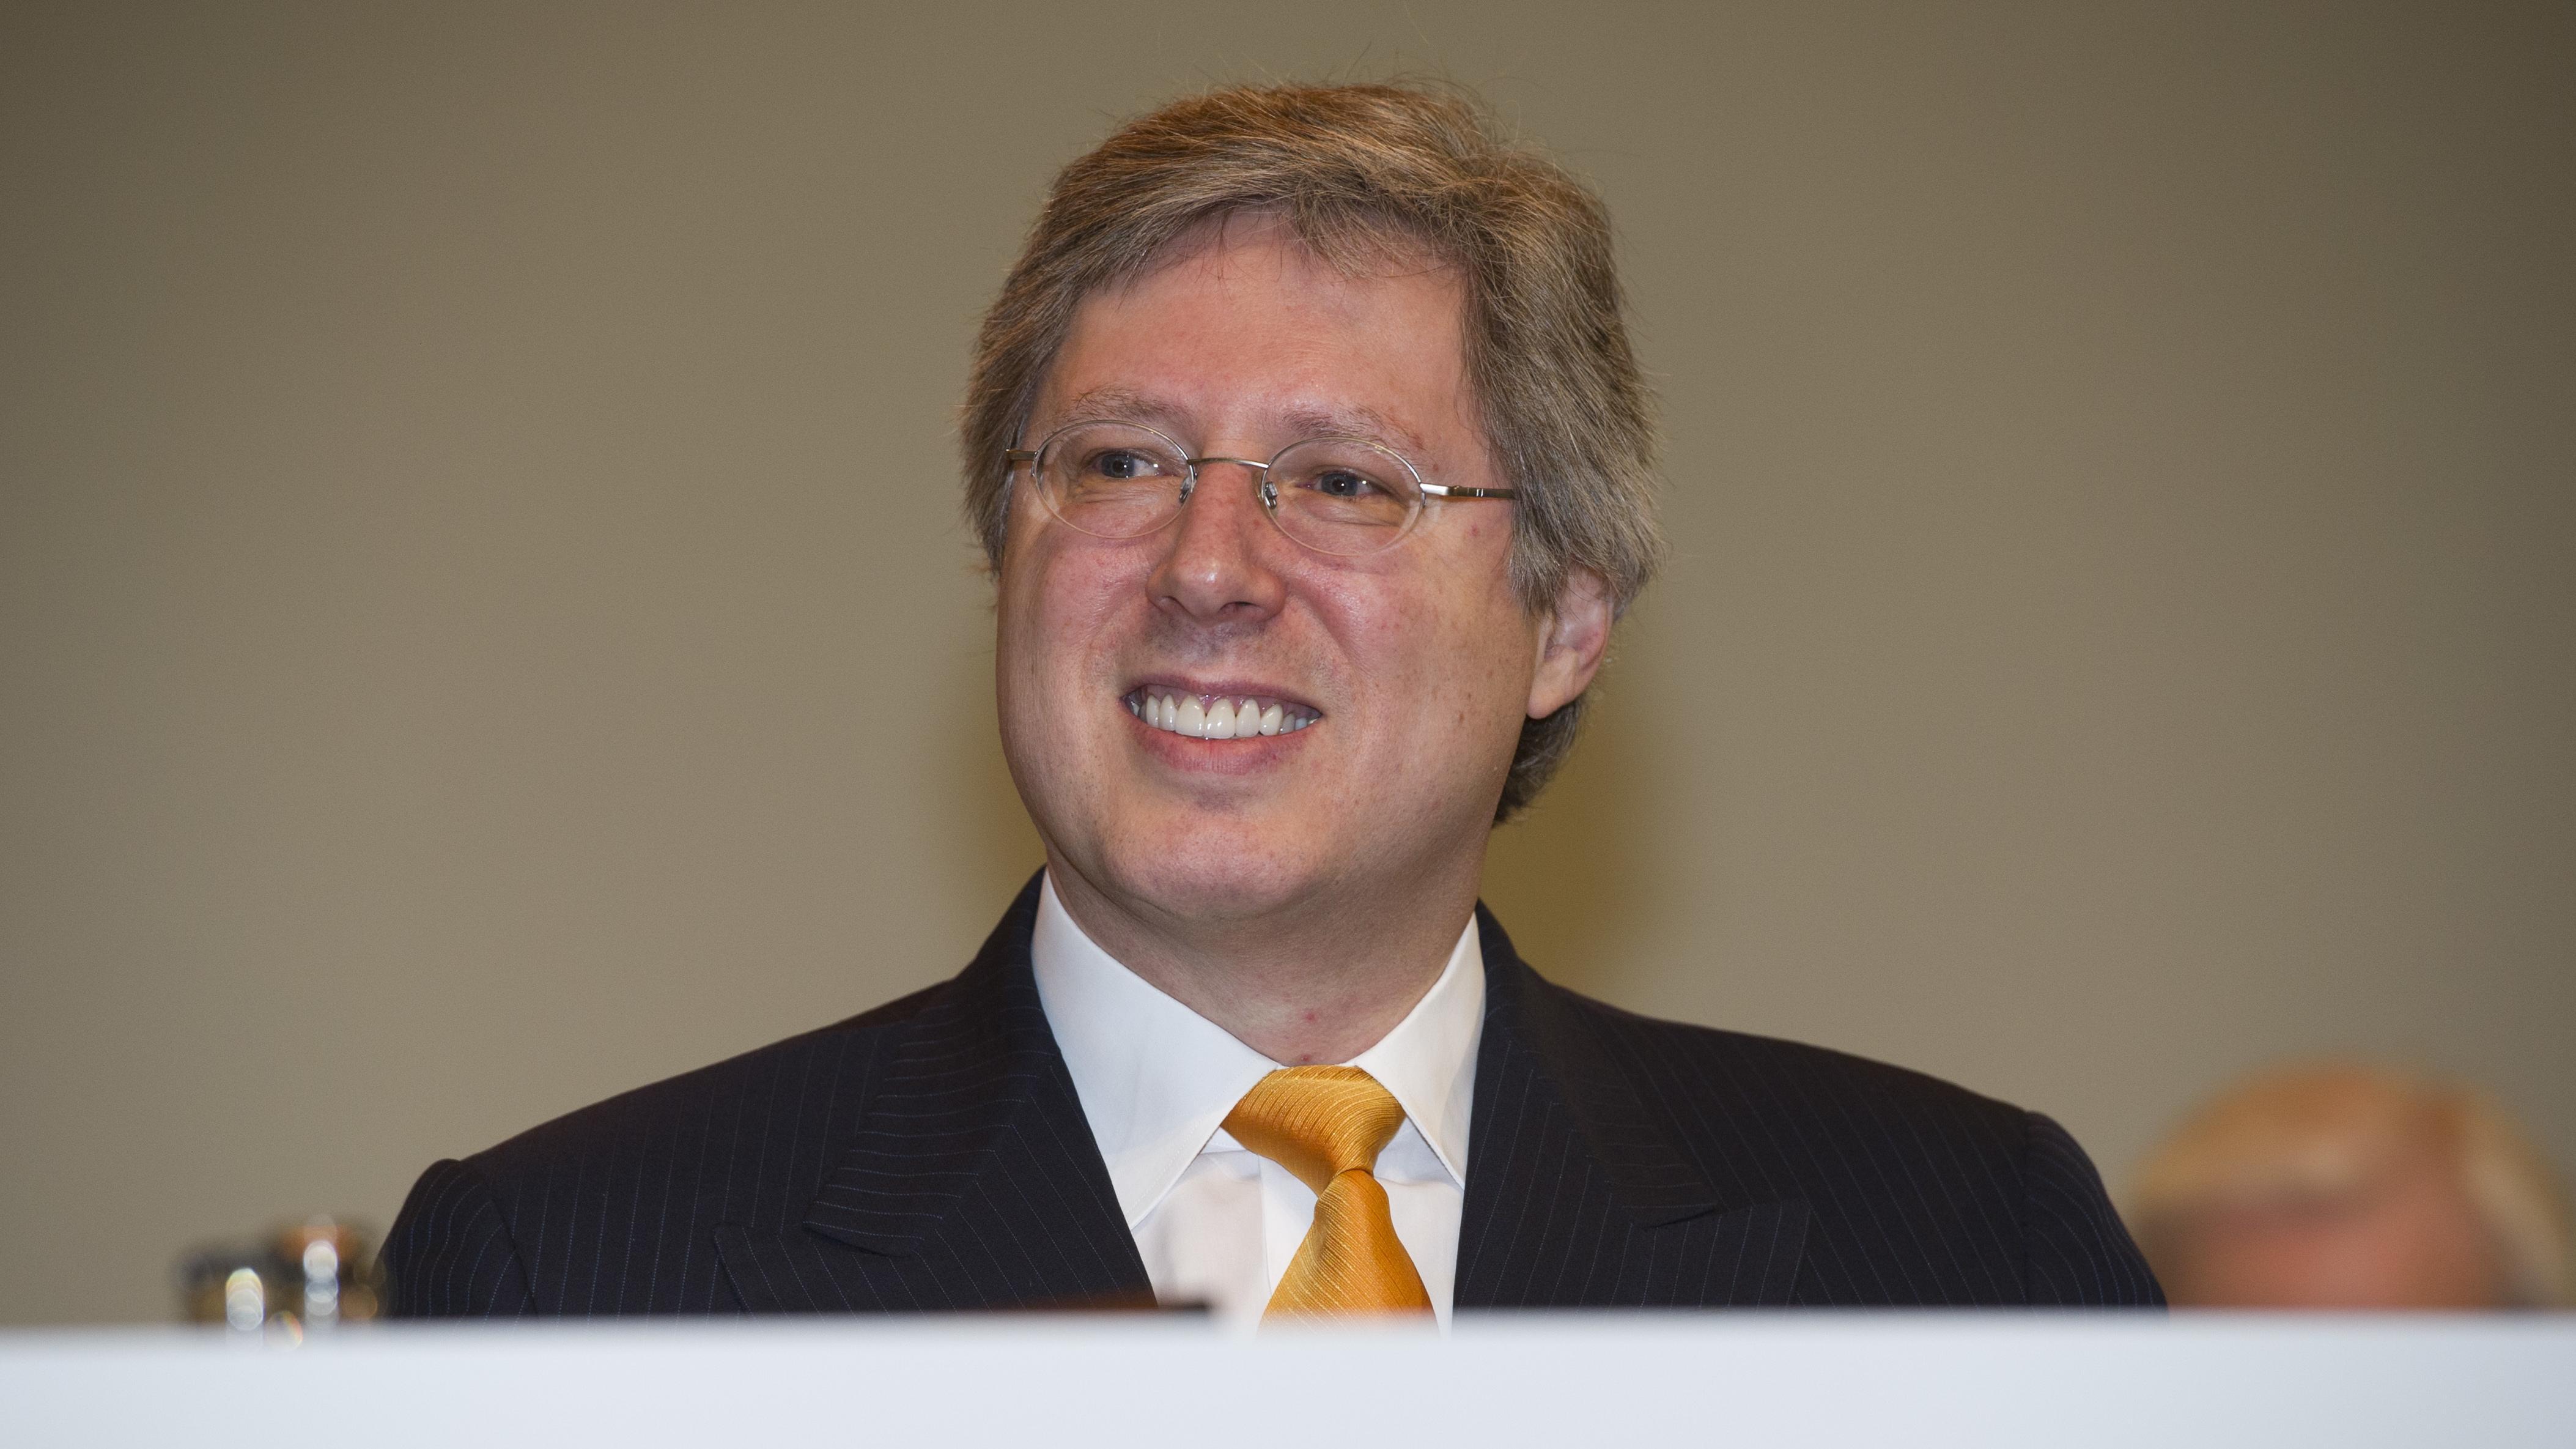 Georg Schaeffler auf einer Hauptversammlung der Continental AG.